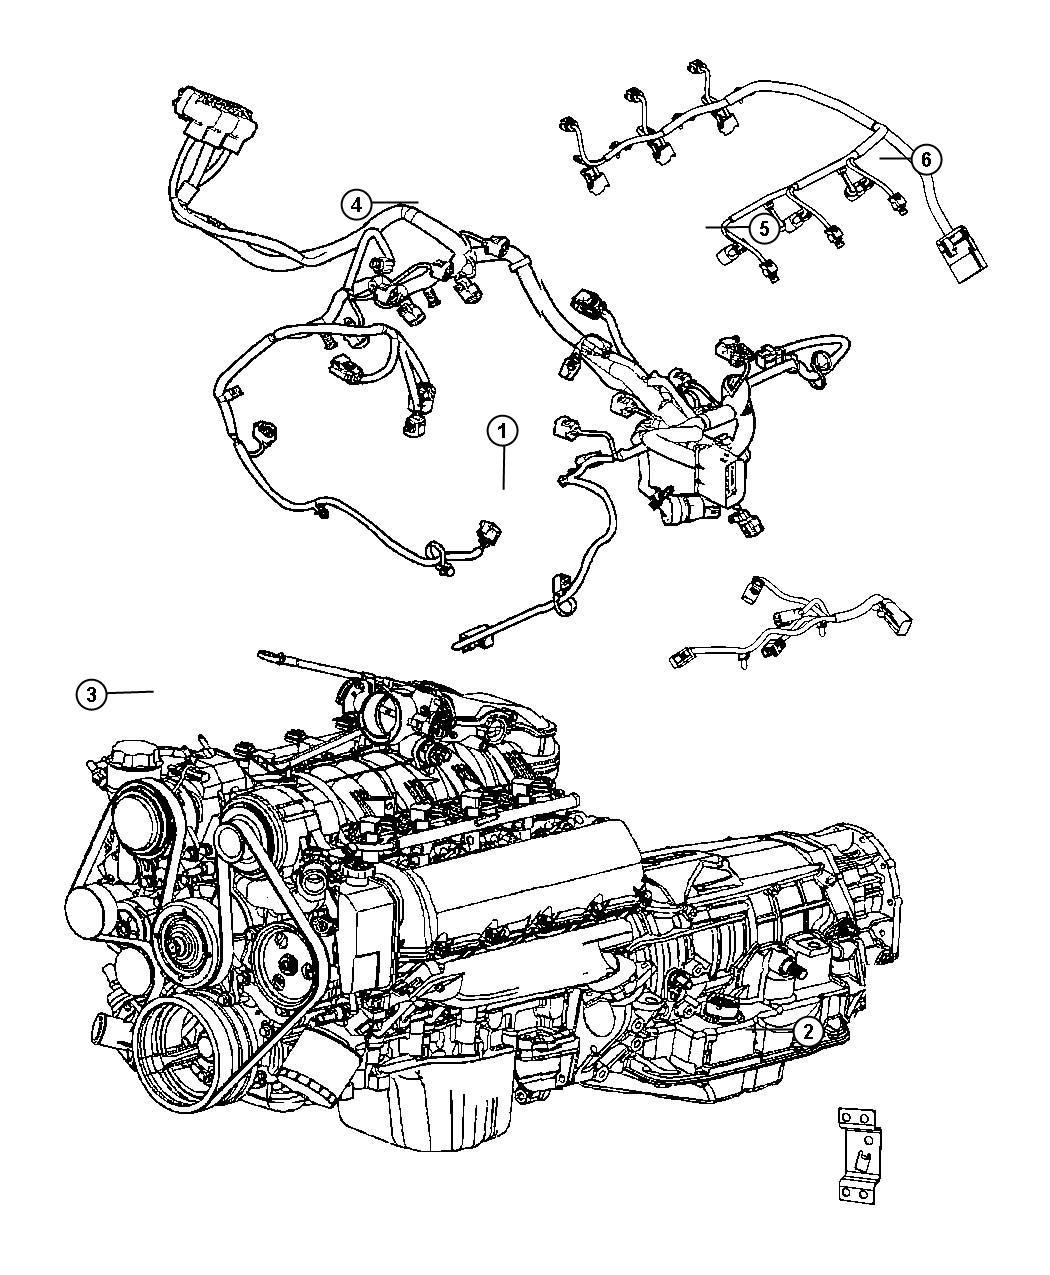 chrysler 3 6 v6 engine diagram